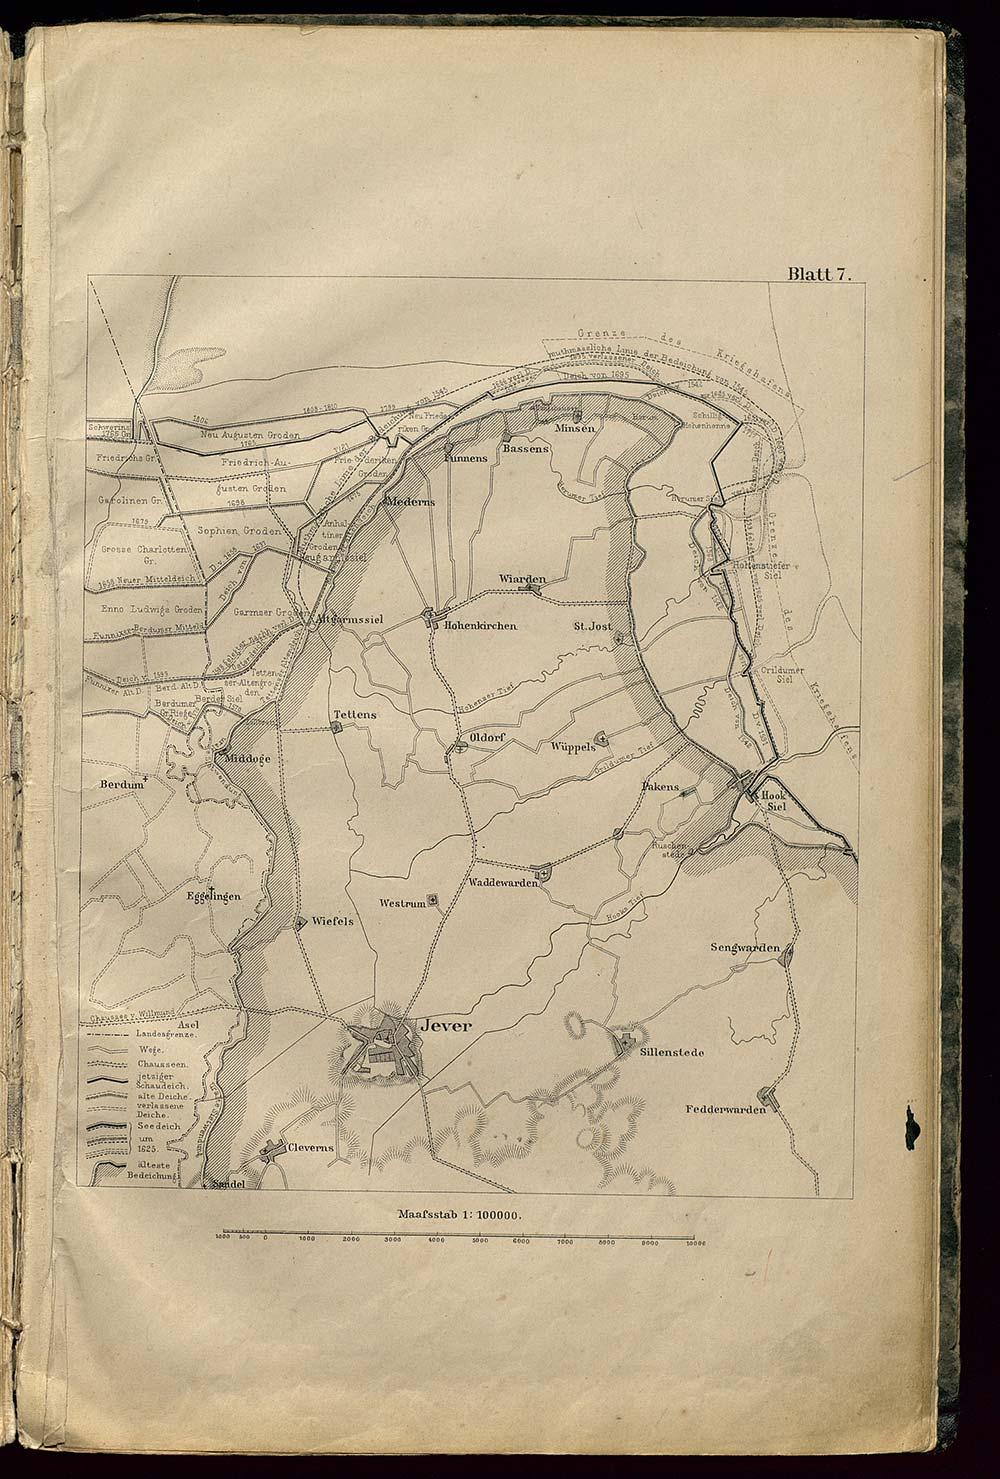 In: 18 Karten zum Jeverschen Deichband  Oskar Tenge (1832-1913)  Oldenburg : Stalling, 1884